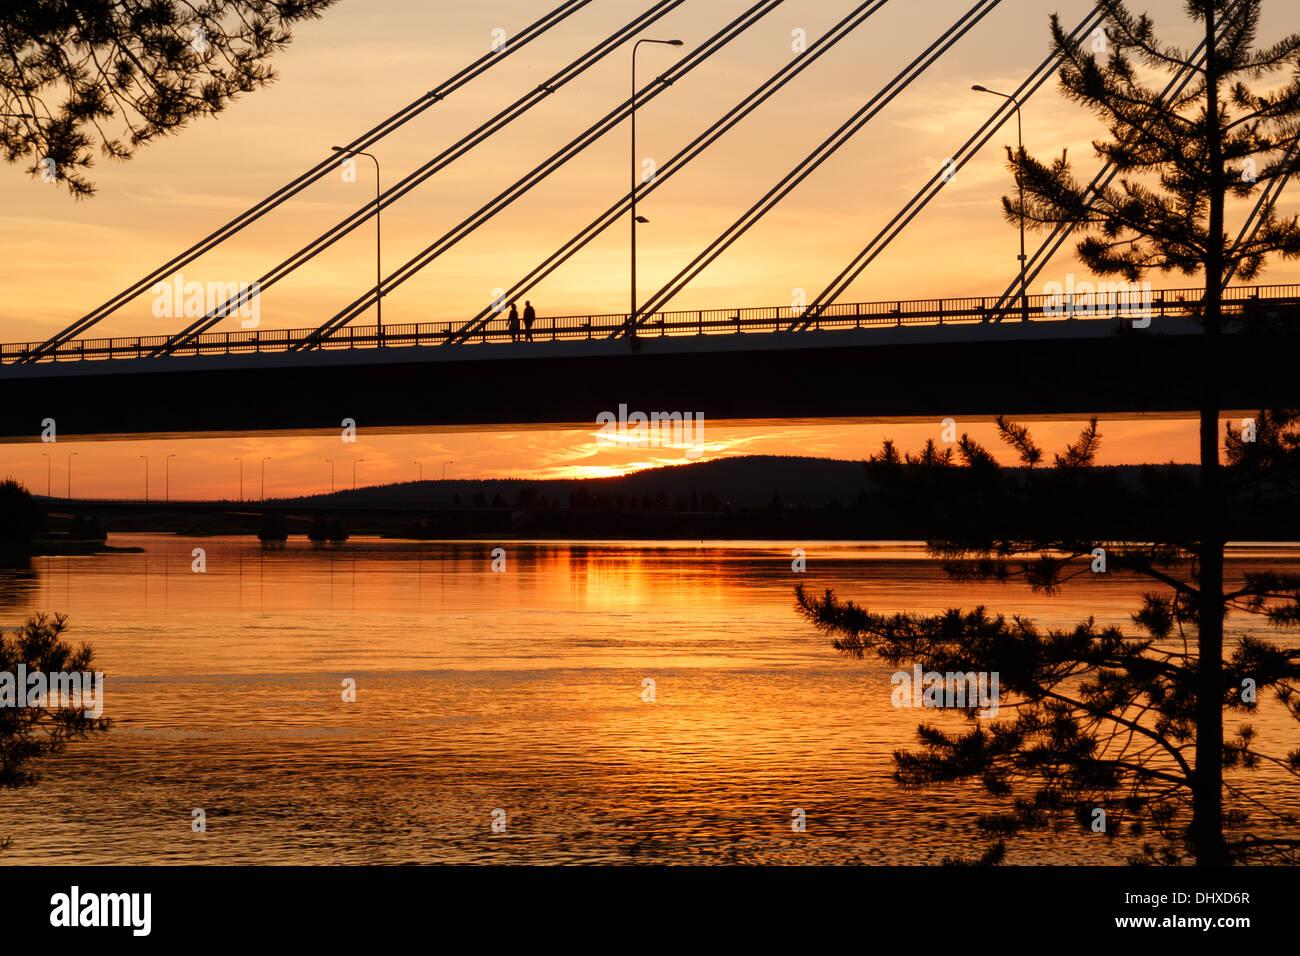 Midnight sun illuminating Jätkänkynttilä (Lumberjack's Candle) bridge over the Kemijoki river in Rovaniemi by the Stock Photo